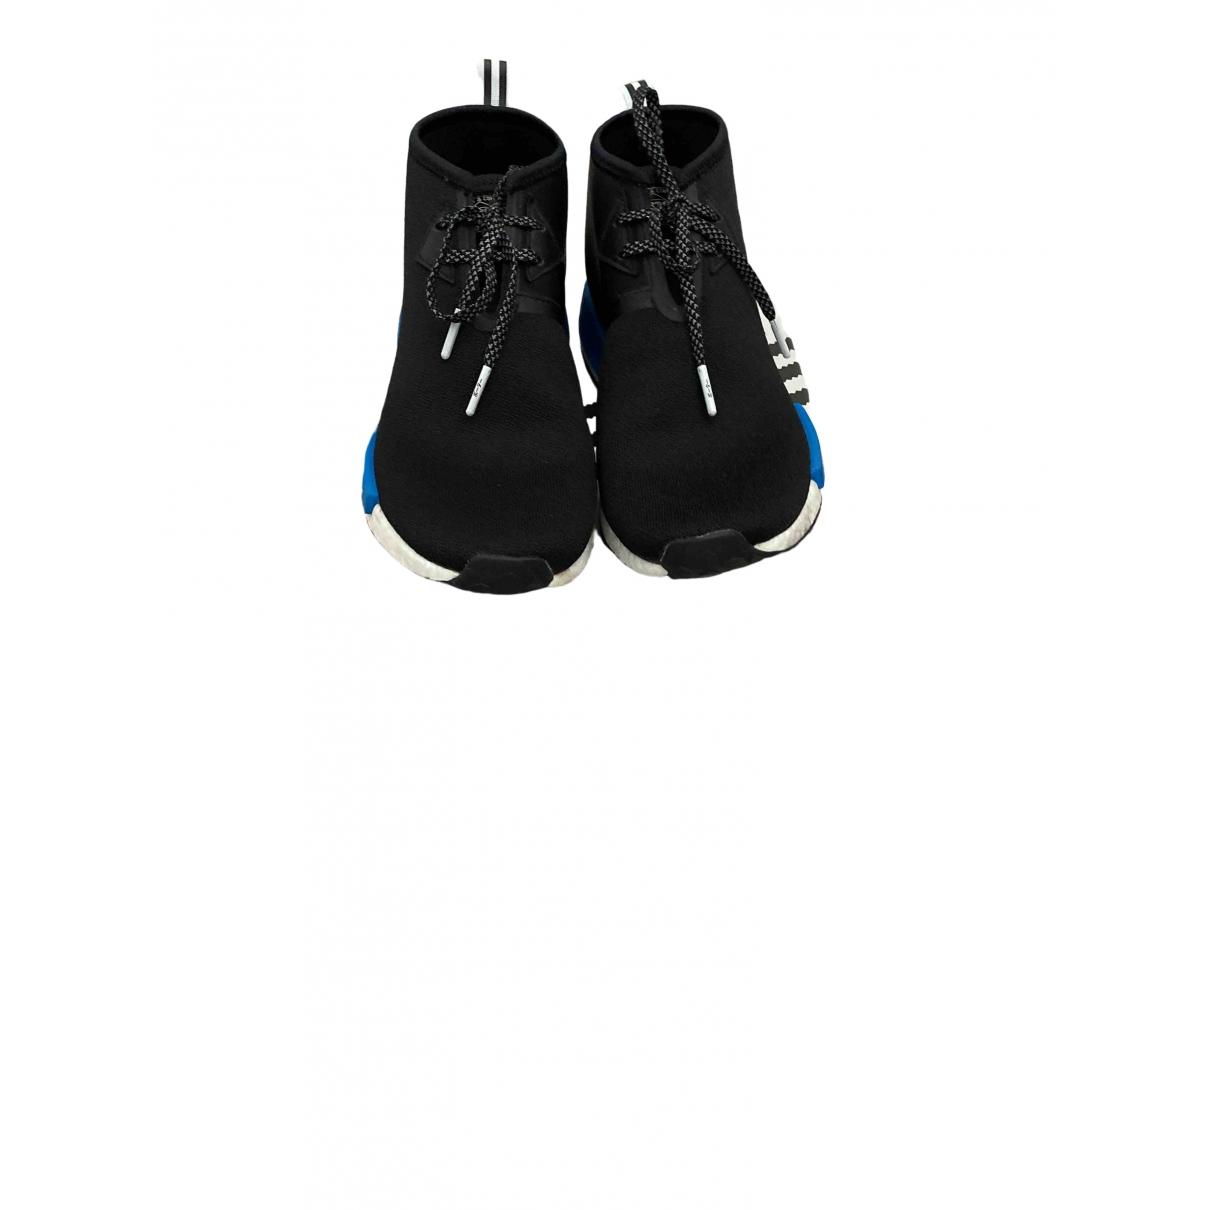 Adidas Nmd Black Cloth Trainers for Men 43 EU